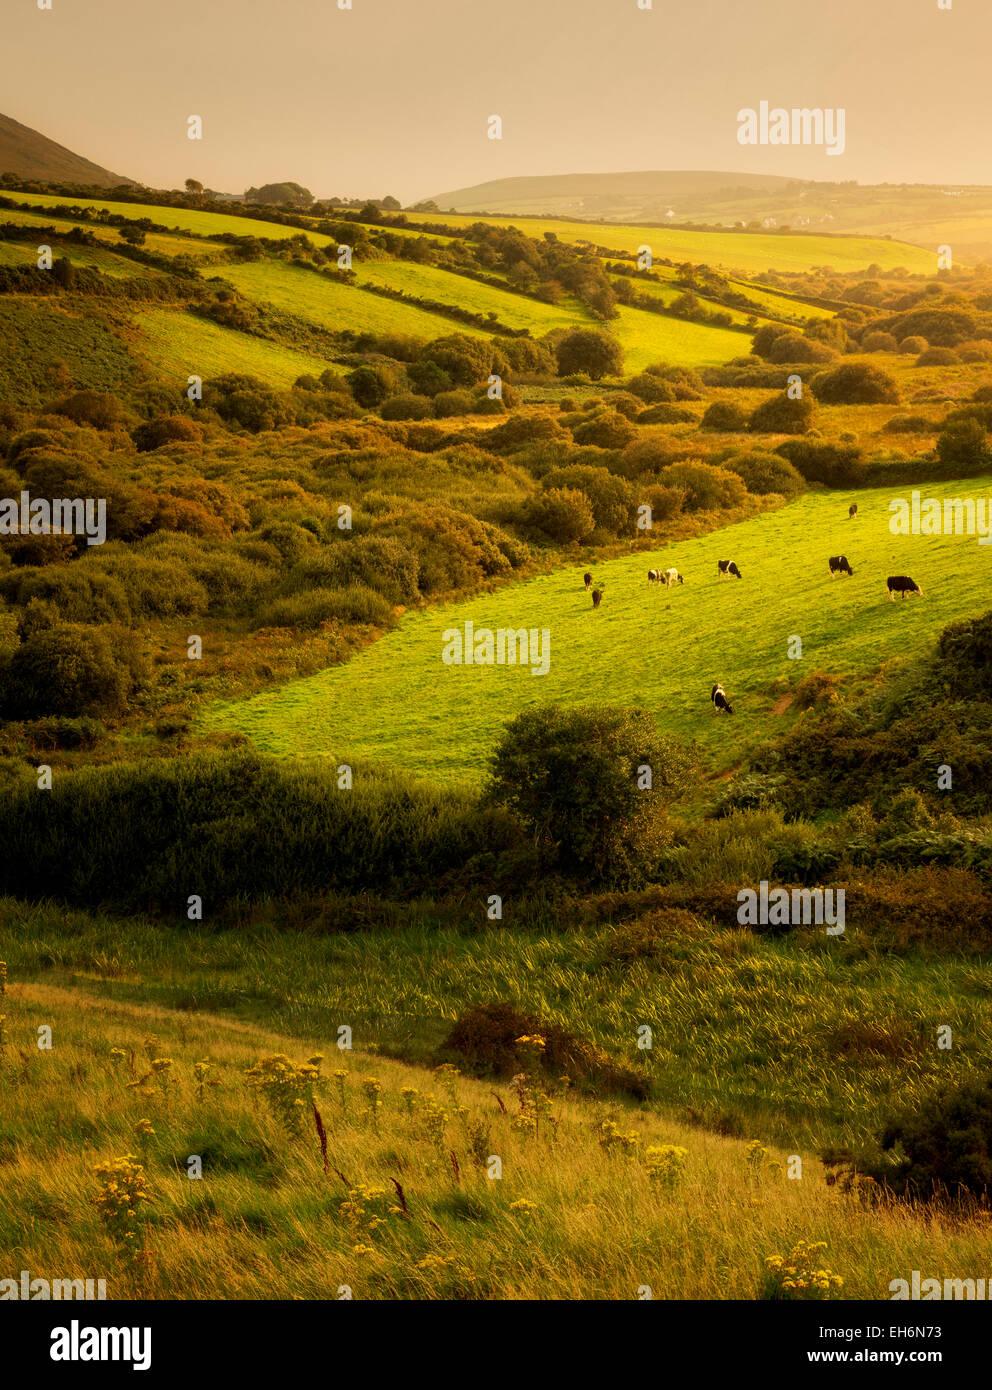 Scena pastorale con le mucche e i pascoli. Penisola di Dingle. L'Irlanda Immagini Stock